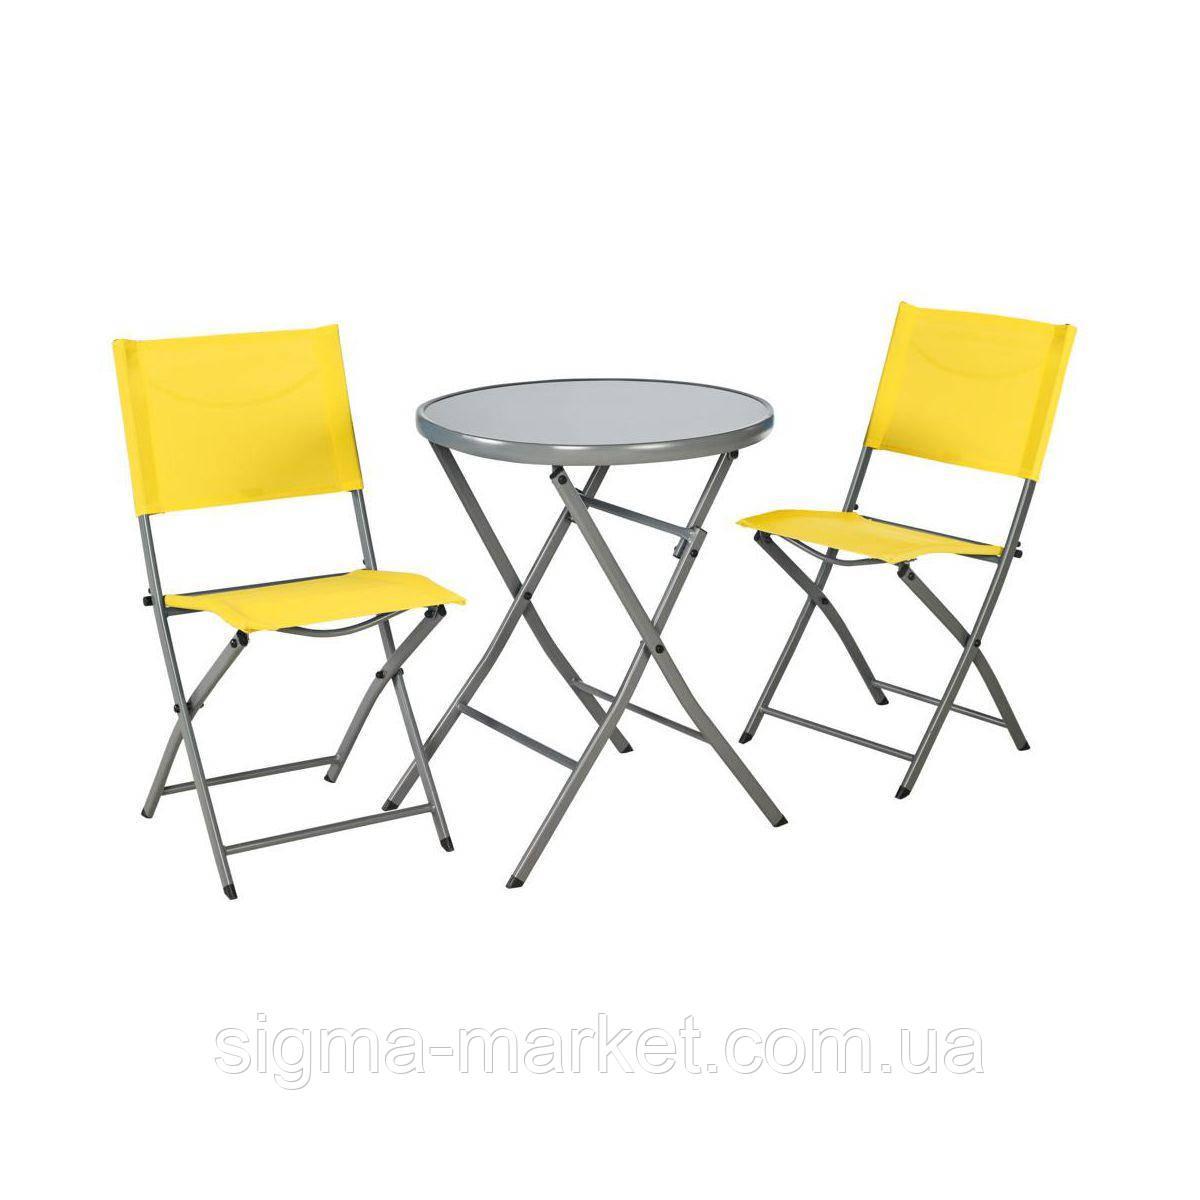 Садовая мебель EMYS стол+ 2 стула